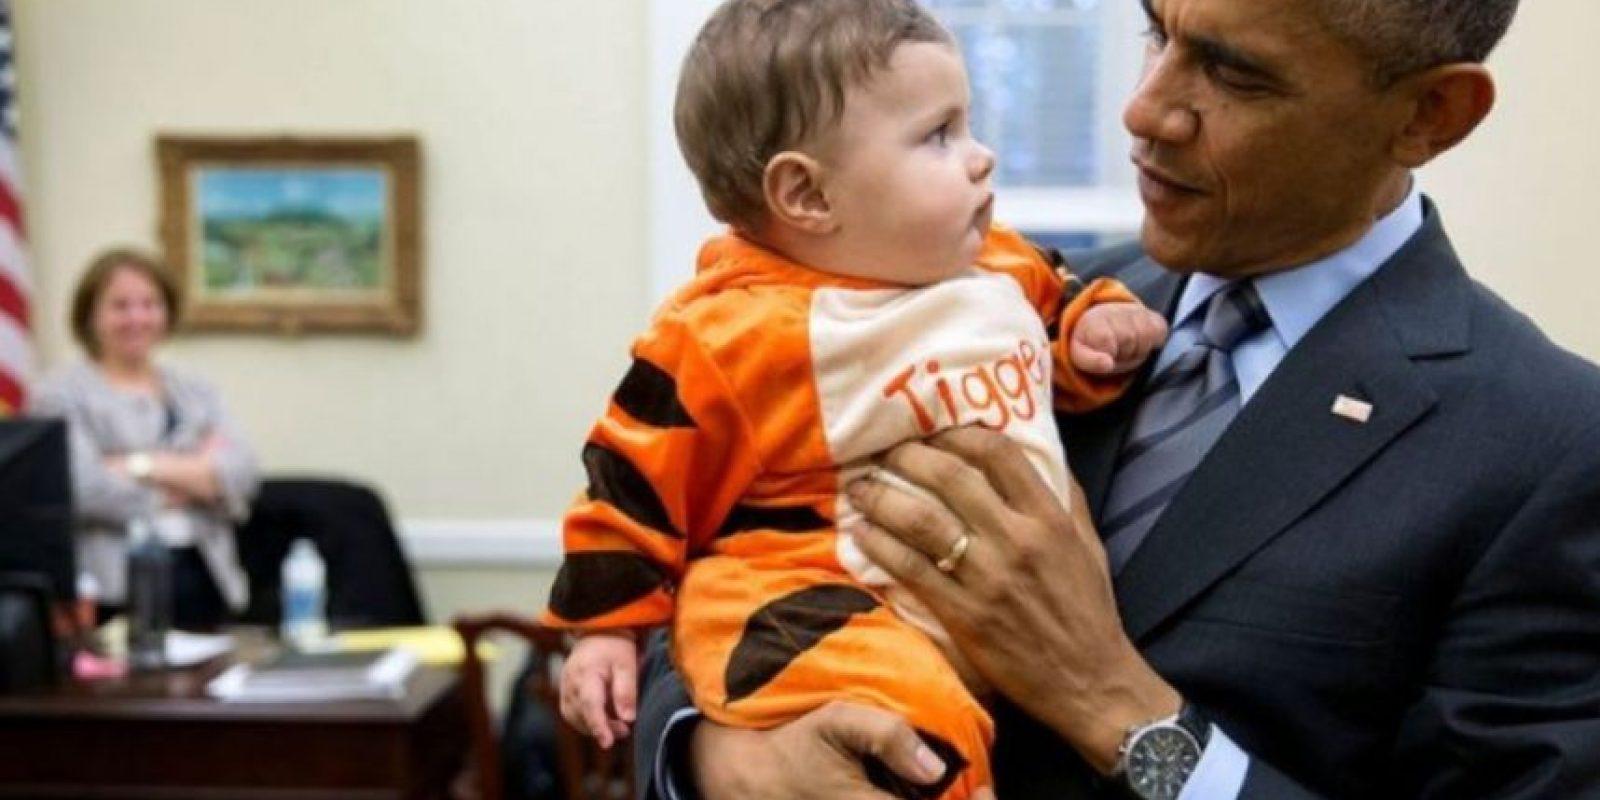 Al parecer disfruta de cargar a los más pequeños. Foto: Vía whitehouse.gov/photos